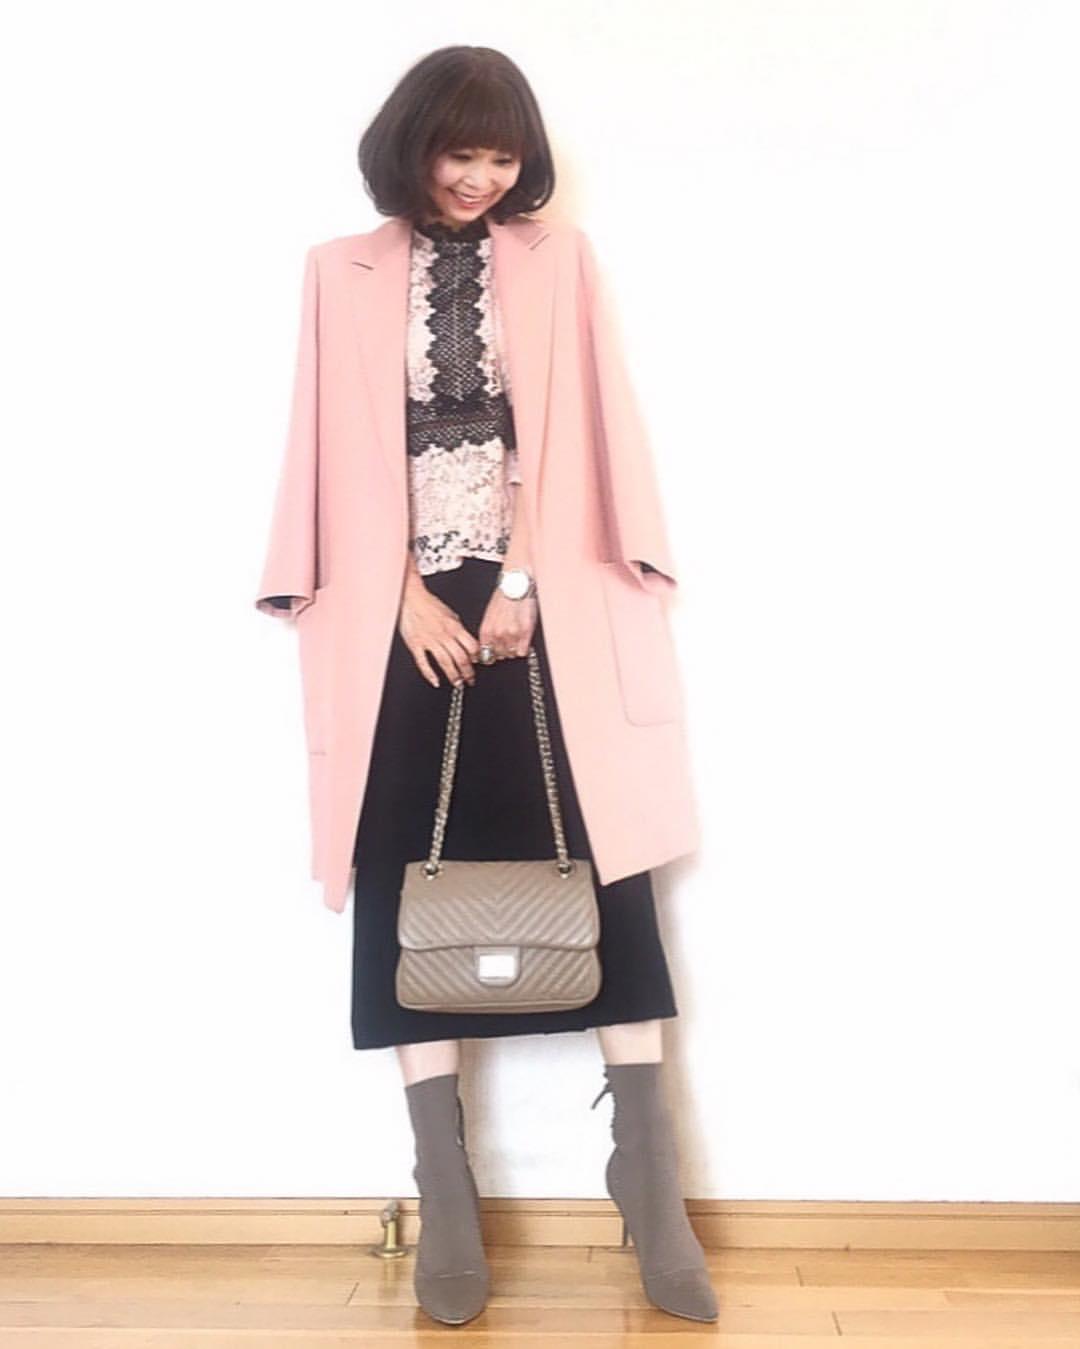 最高気温12度・最低気温3度 acmee.chiyoの服装